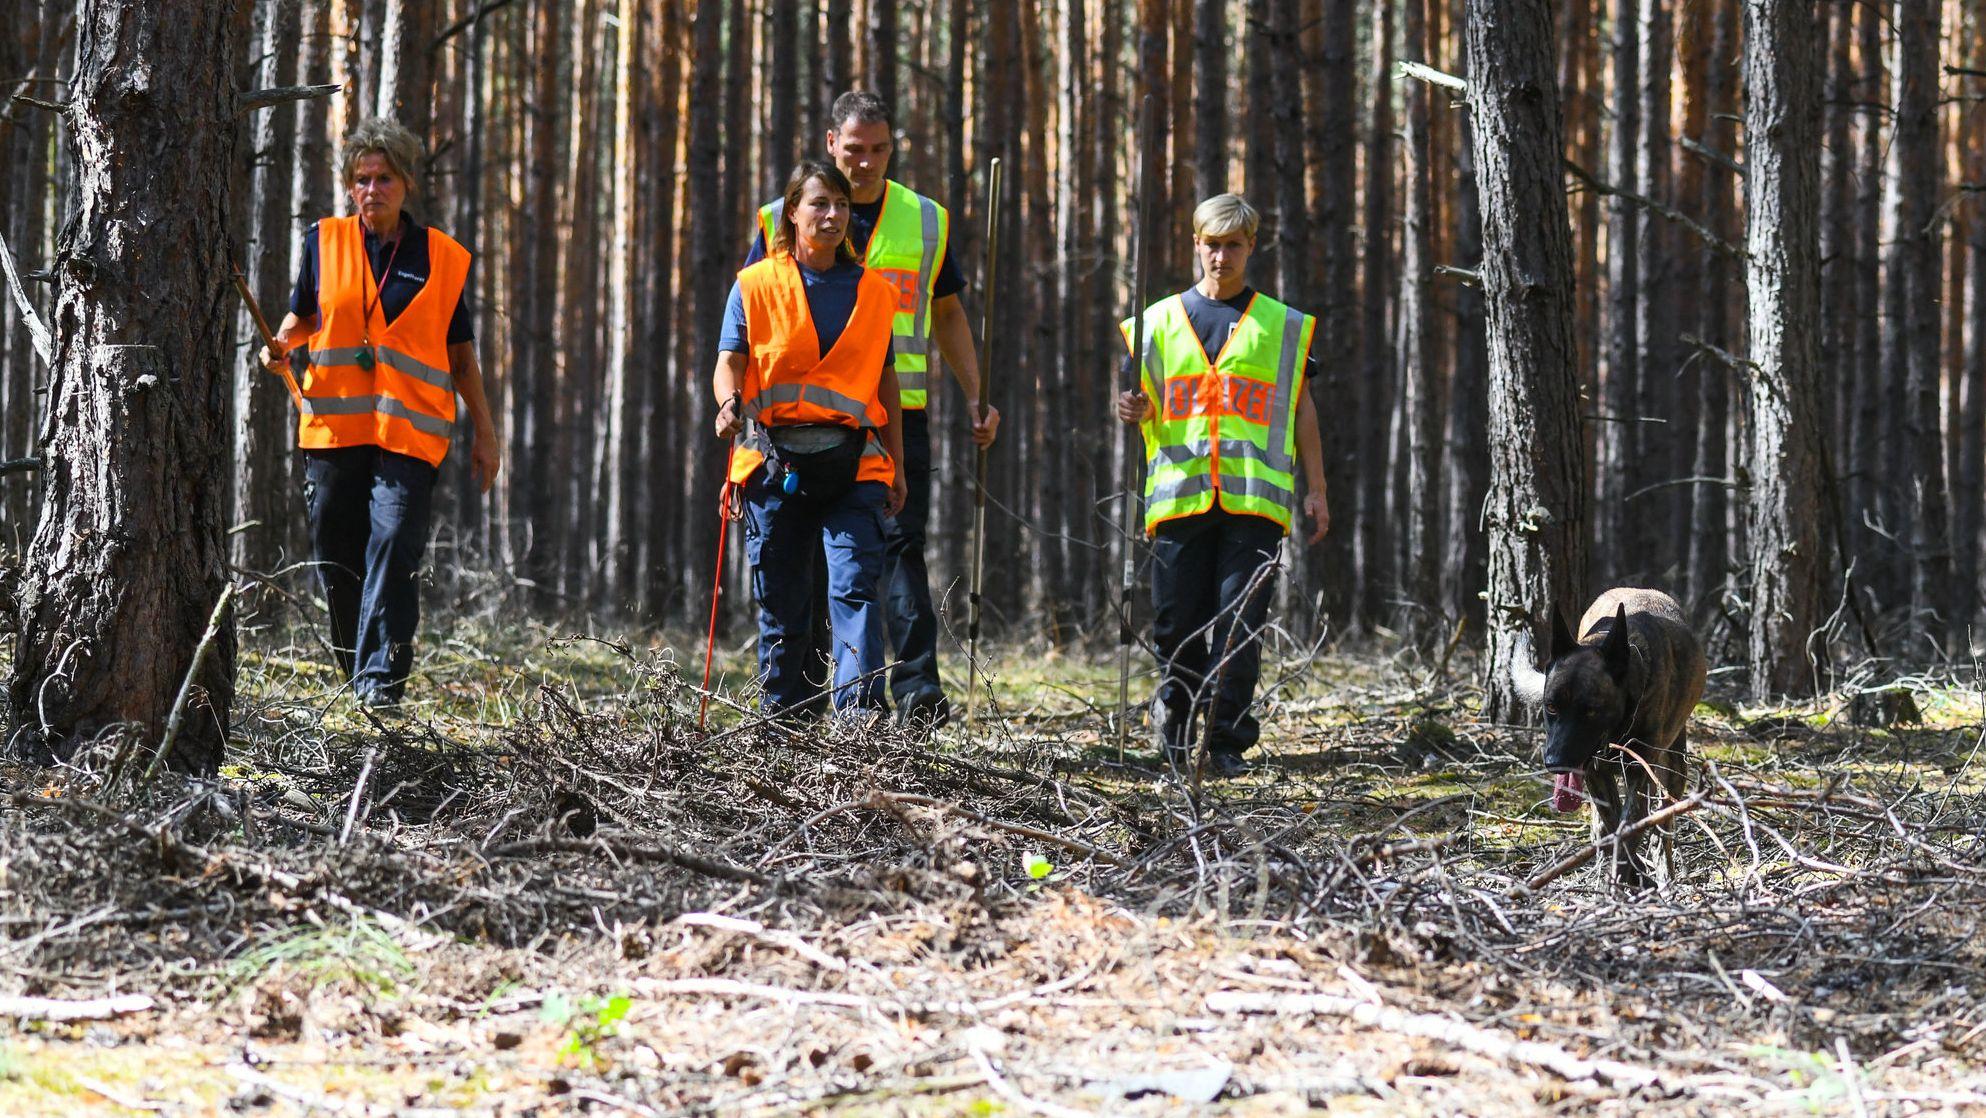 04.09.2019: Brandenburg, Kummersdorf: Polizisten suchen mit einem Spürhund in einem Waldgebiet nach Hinweisen zur vermissten Rebecca